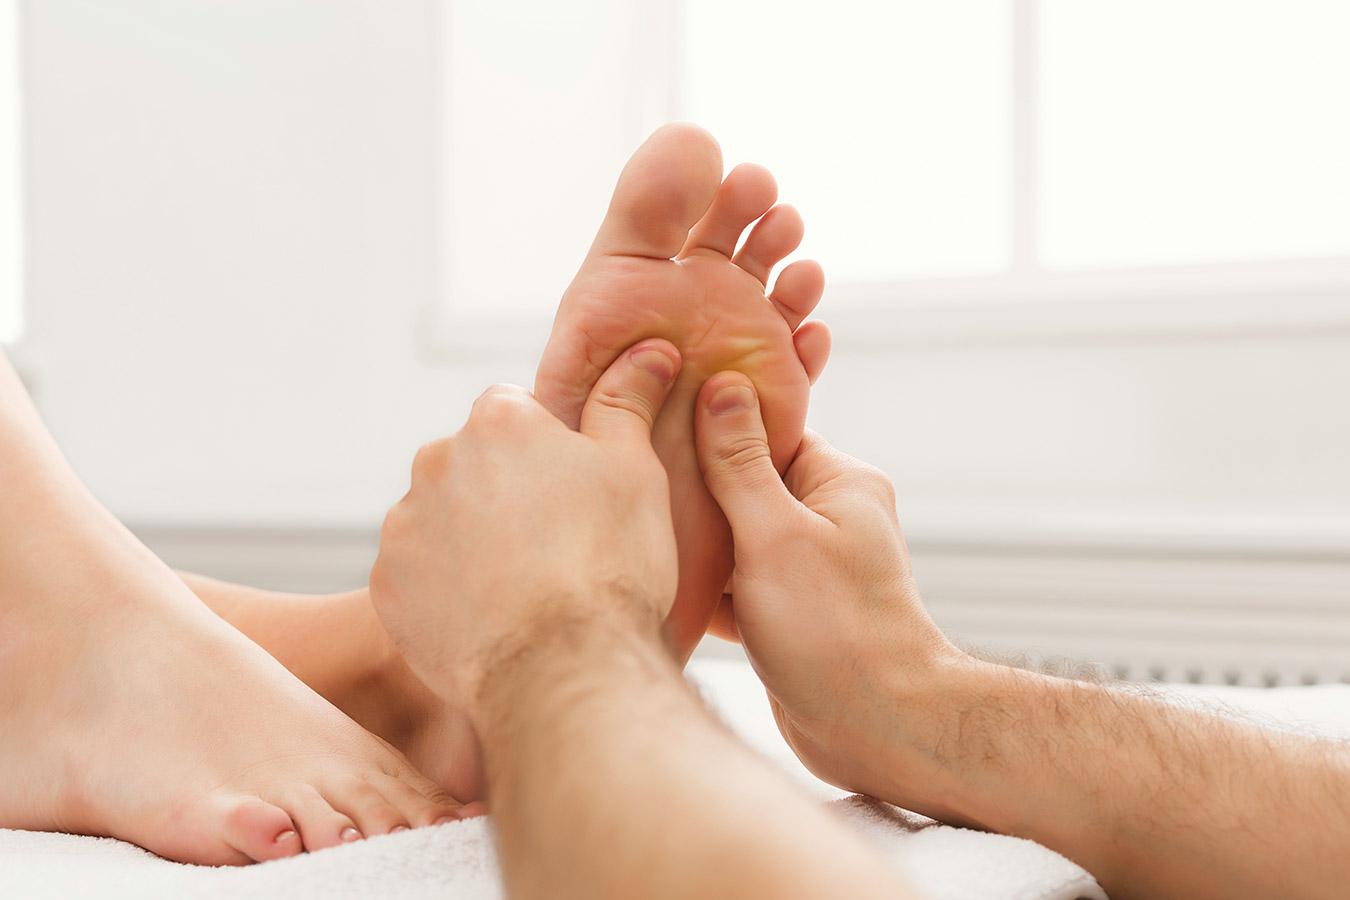 Uczucie gorąca w stopie – przyczyny, leczenie